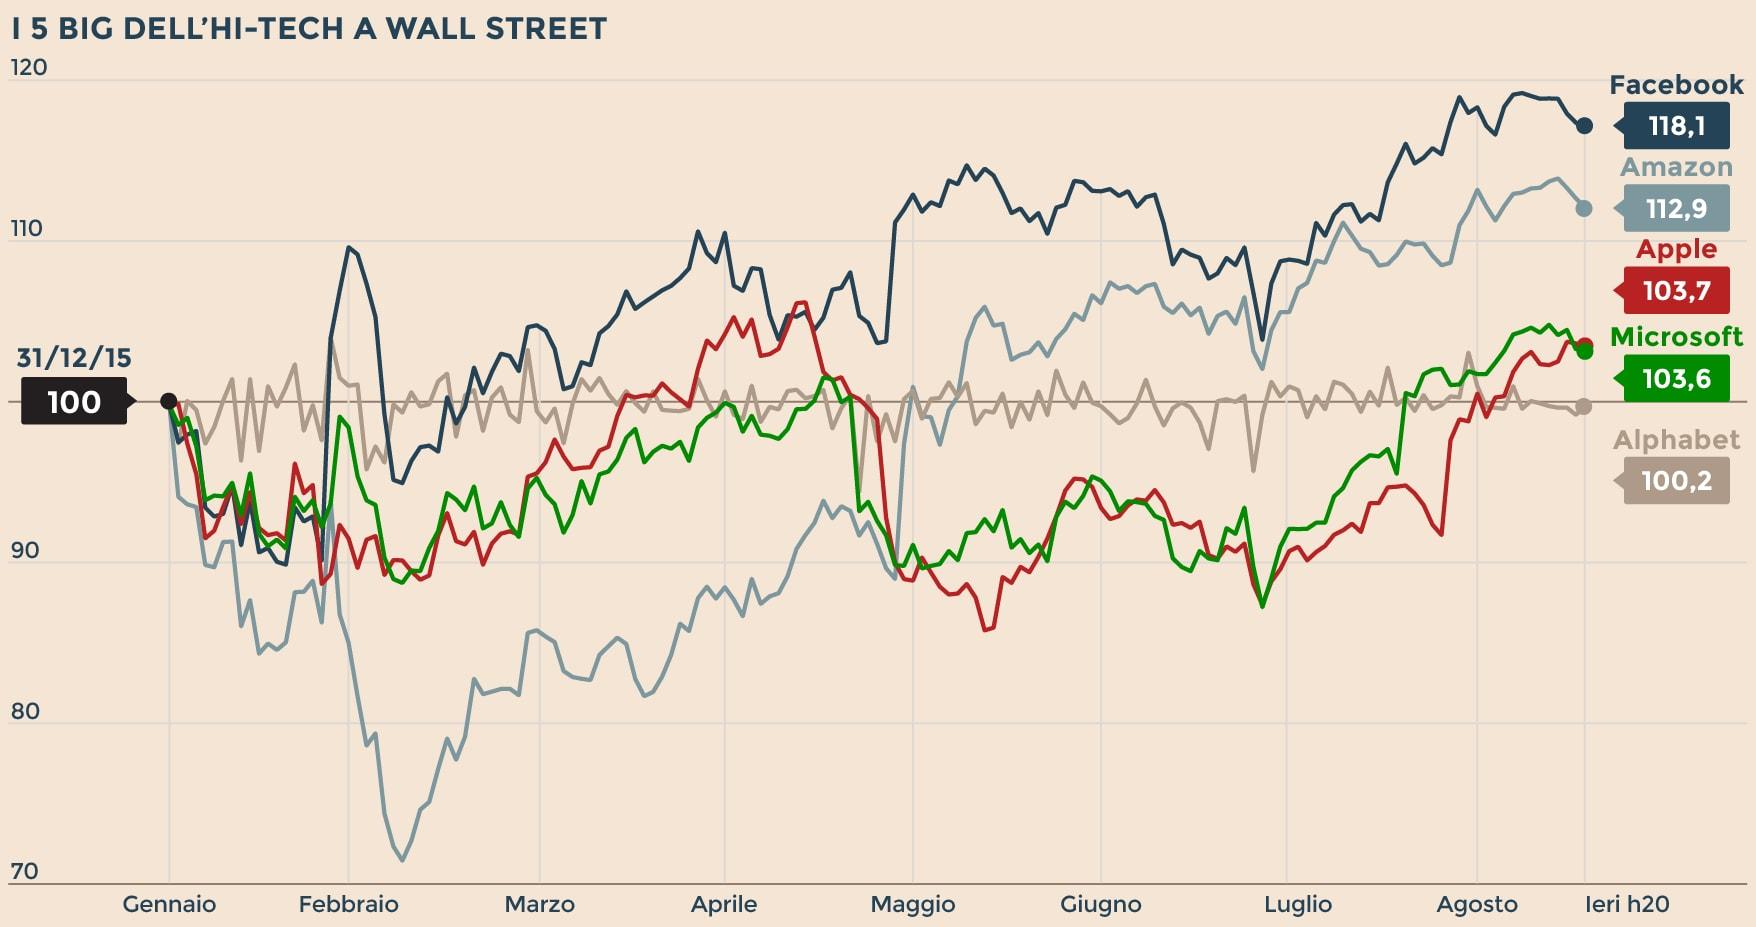 6f367957b8 Facebook, Amazon, Apple: chi vince e chi perde per Wall Street - Il ...